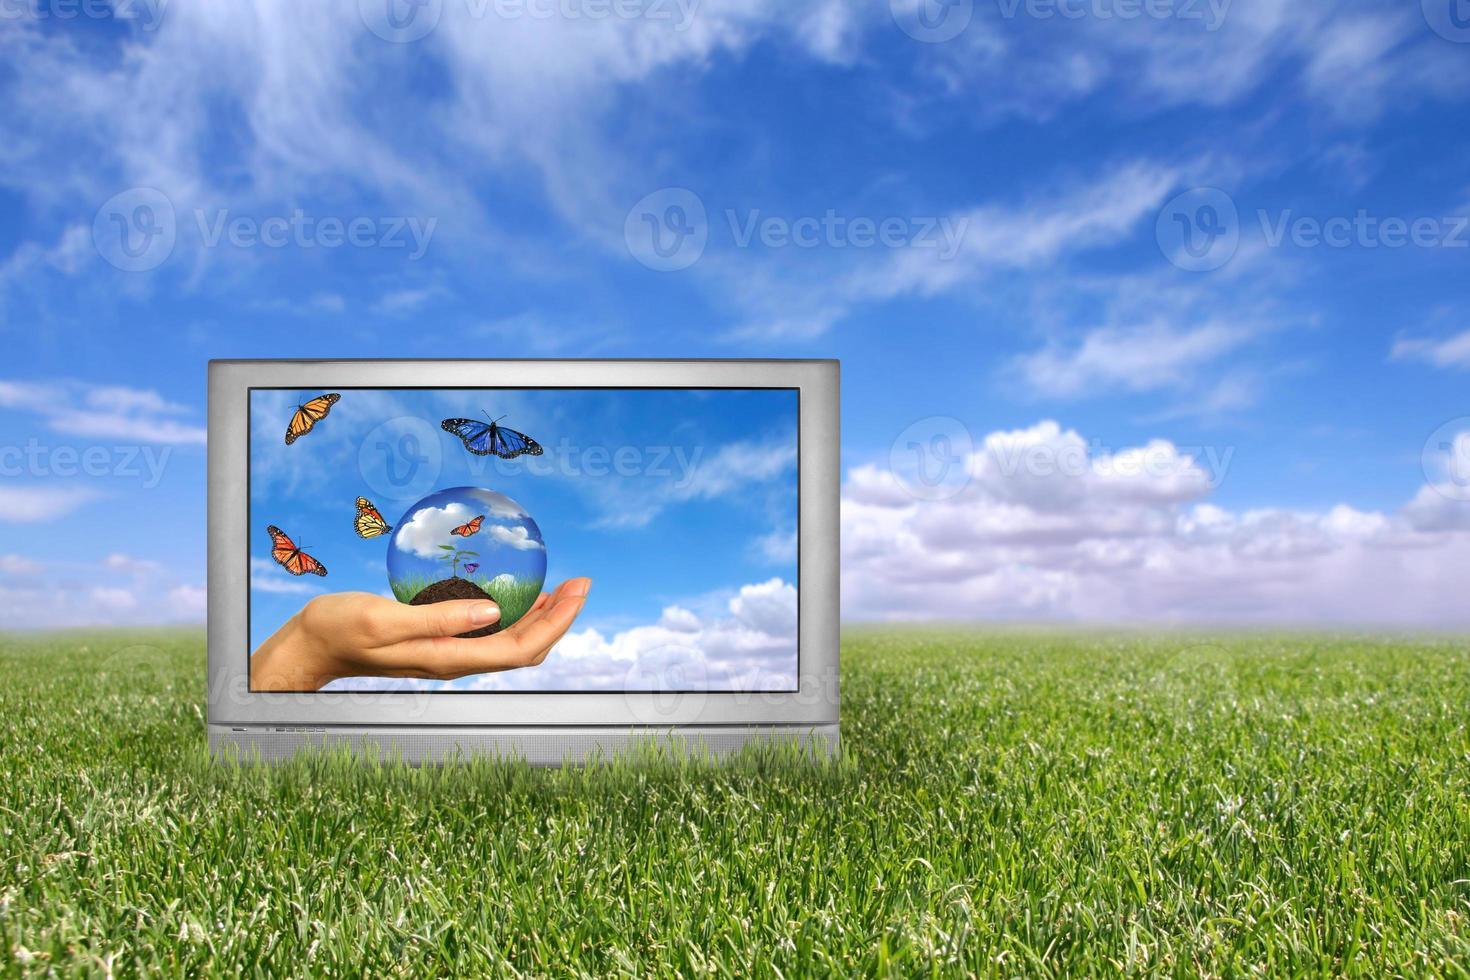 schönes Feld mit grünem Gras und blauem bewölktem Himmel Erde Konzept foto